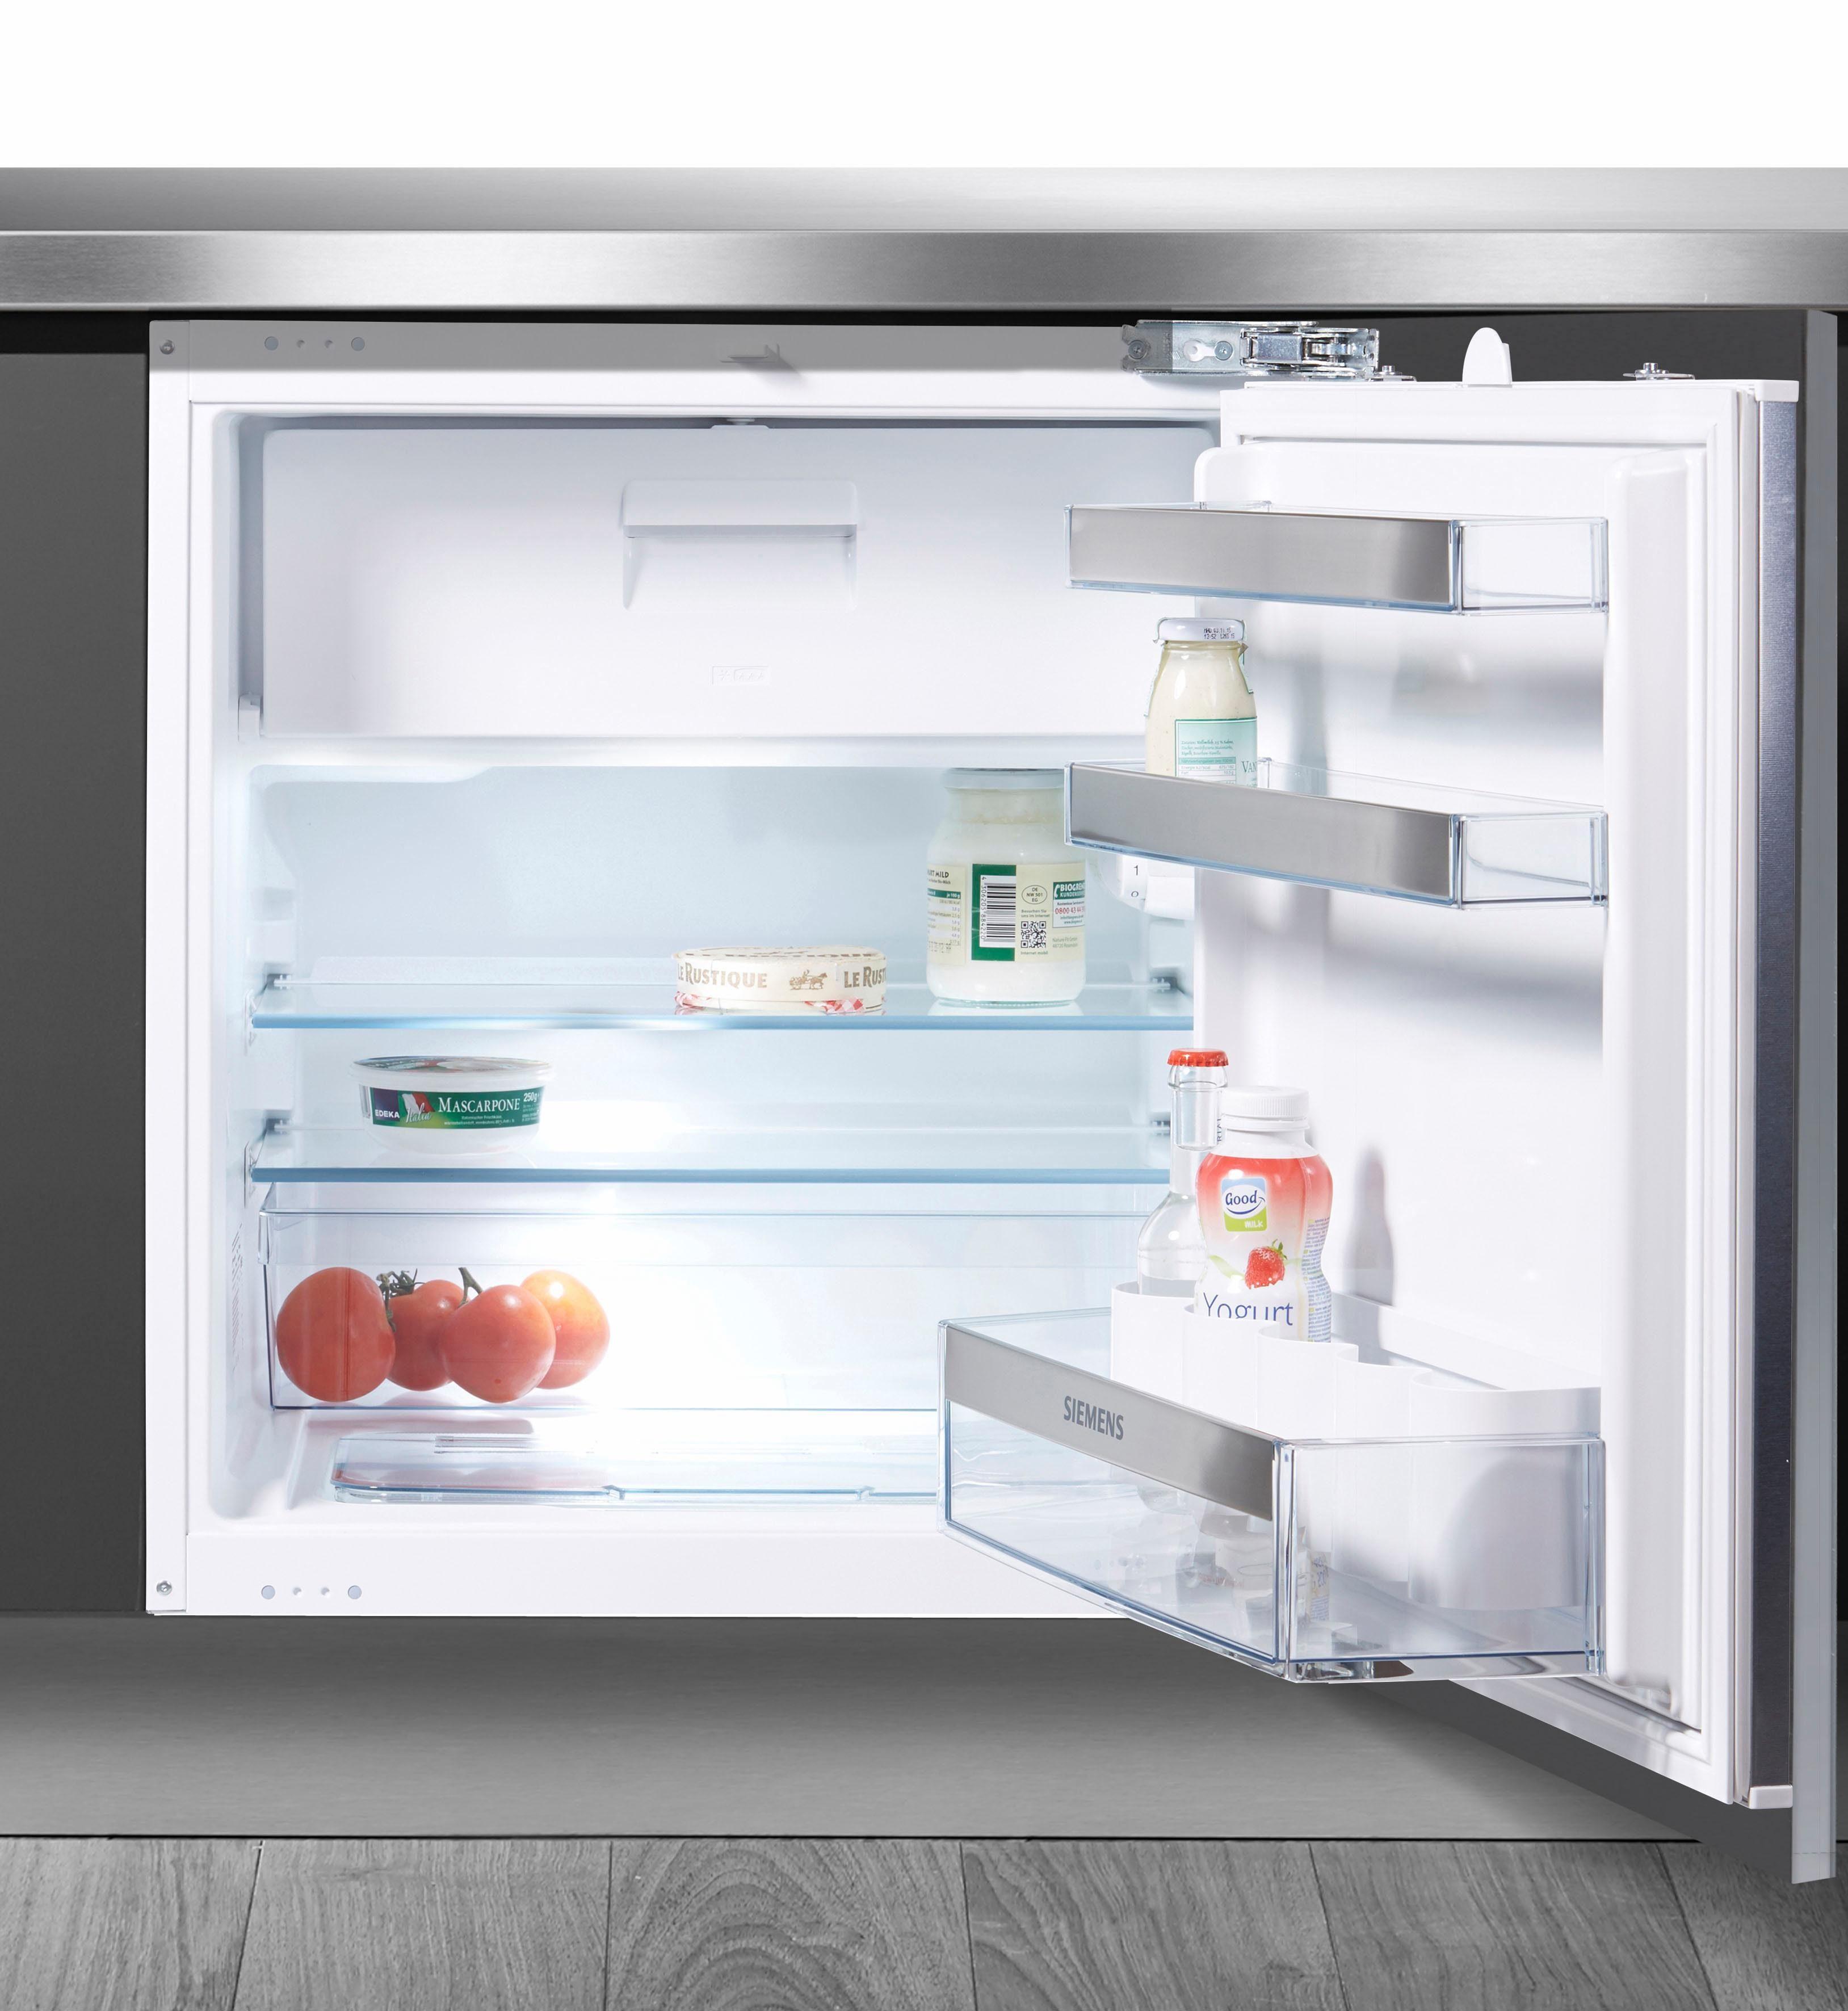 Siemens Unterbau-Kühlautomat KU15LA65, Energieklasse A++, 82 cm hoch